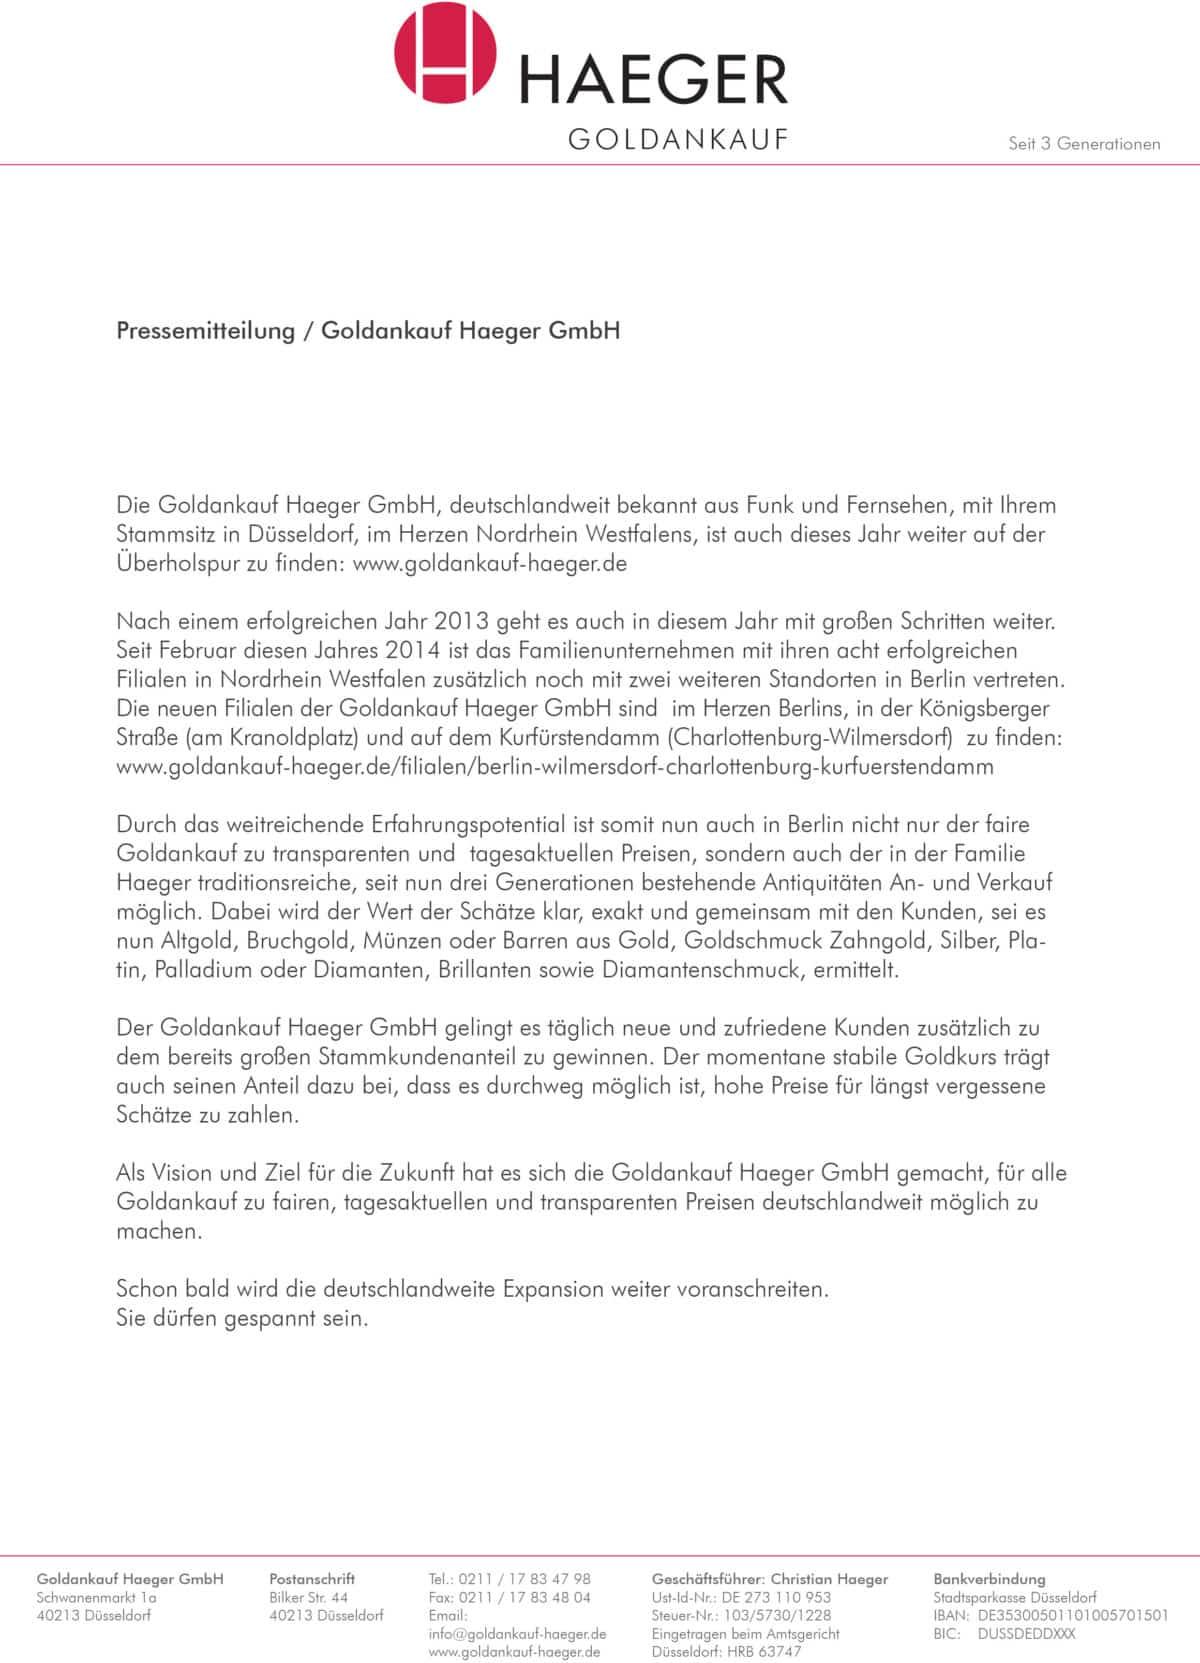 Goldankauf Haeger Pressemitteilung